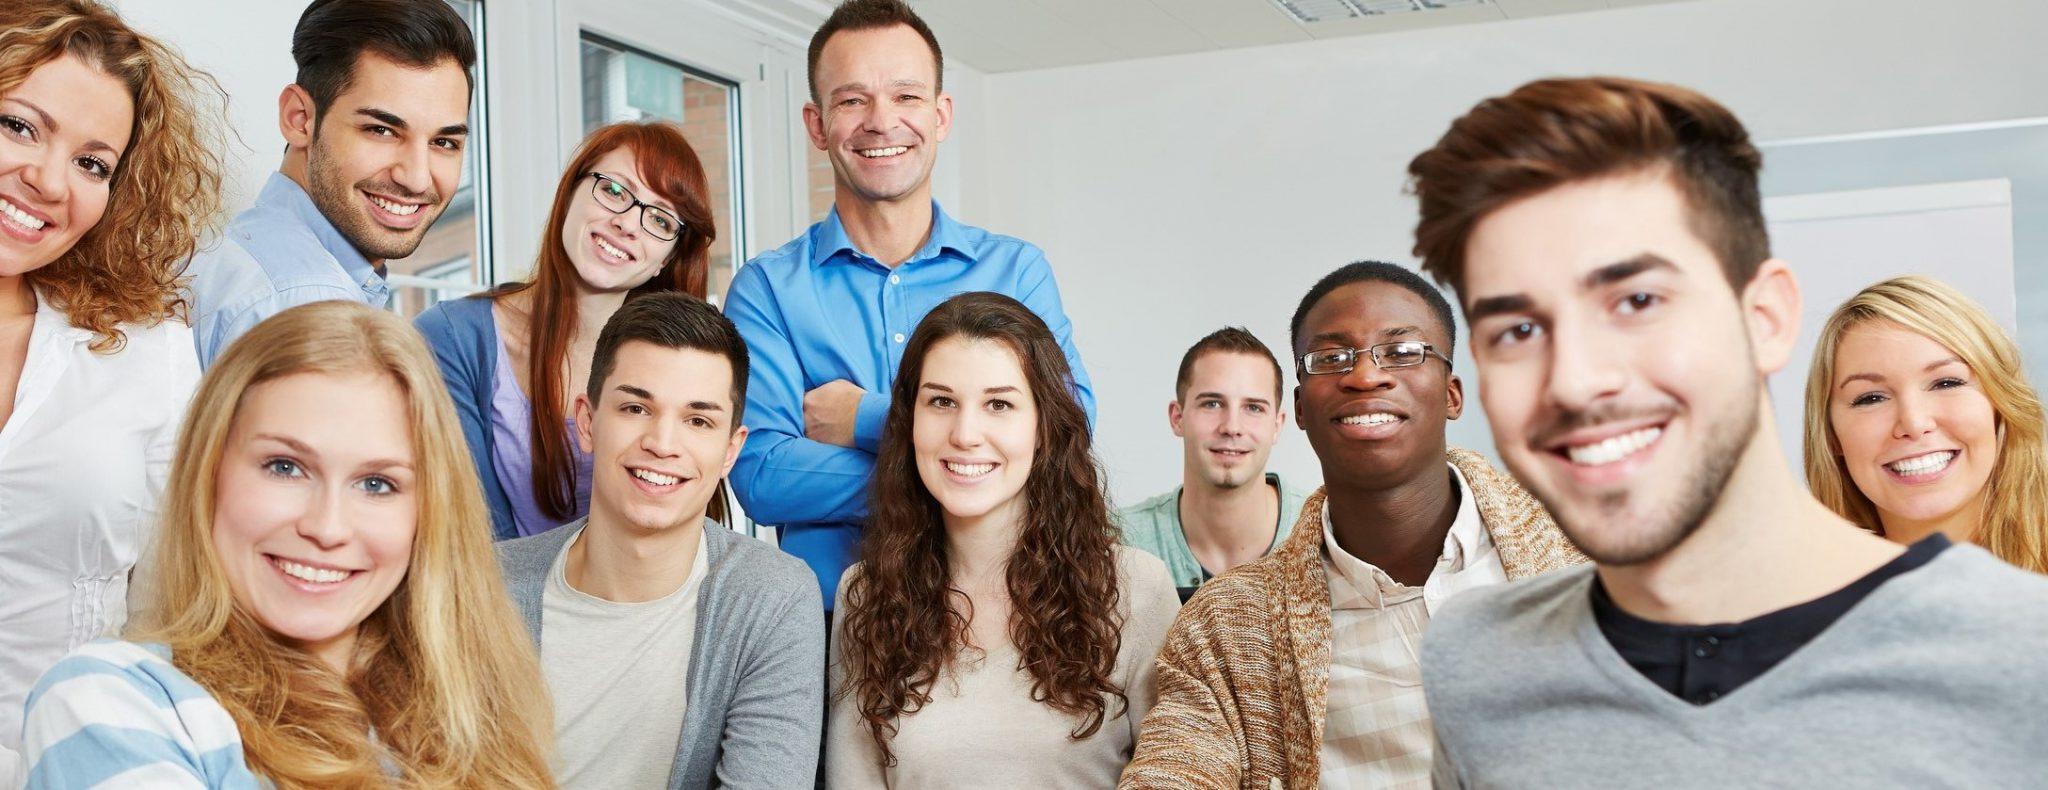 Was bringen berufsbegleitende Kurse und Lehrgänge für die Erwerbskarriere?